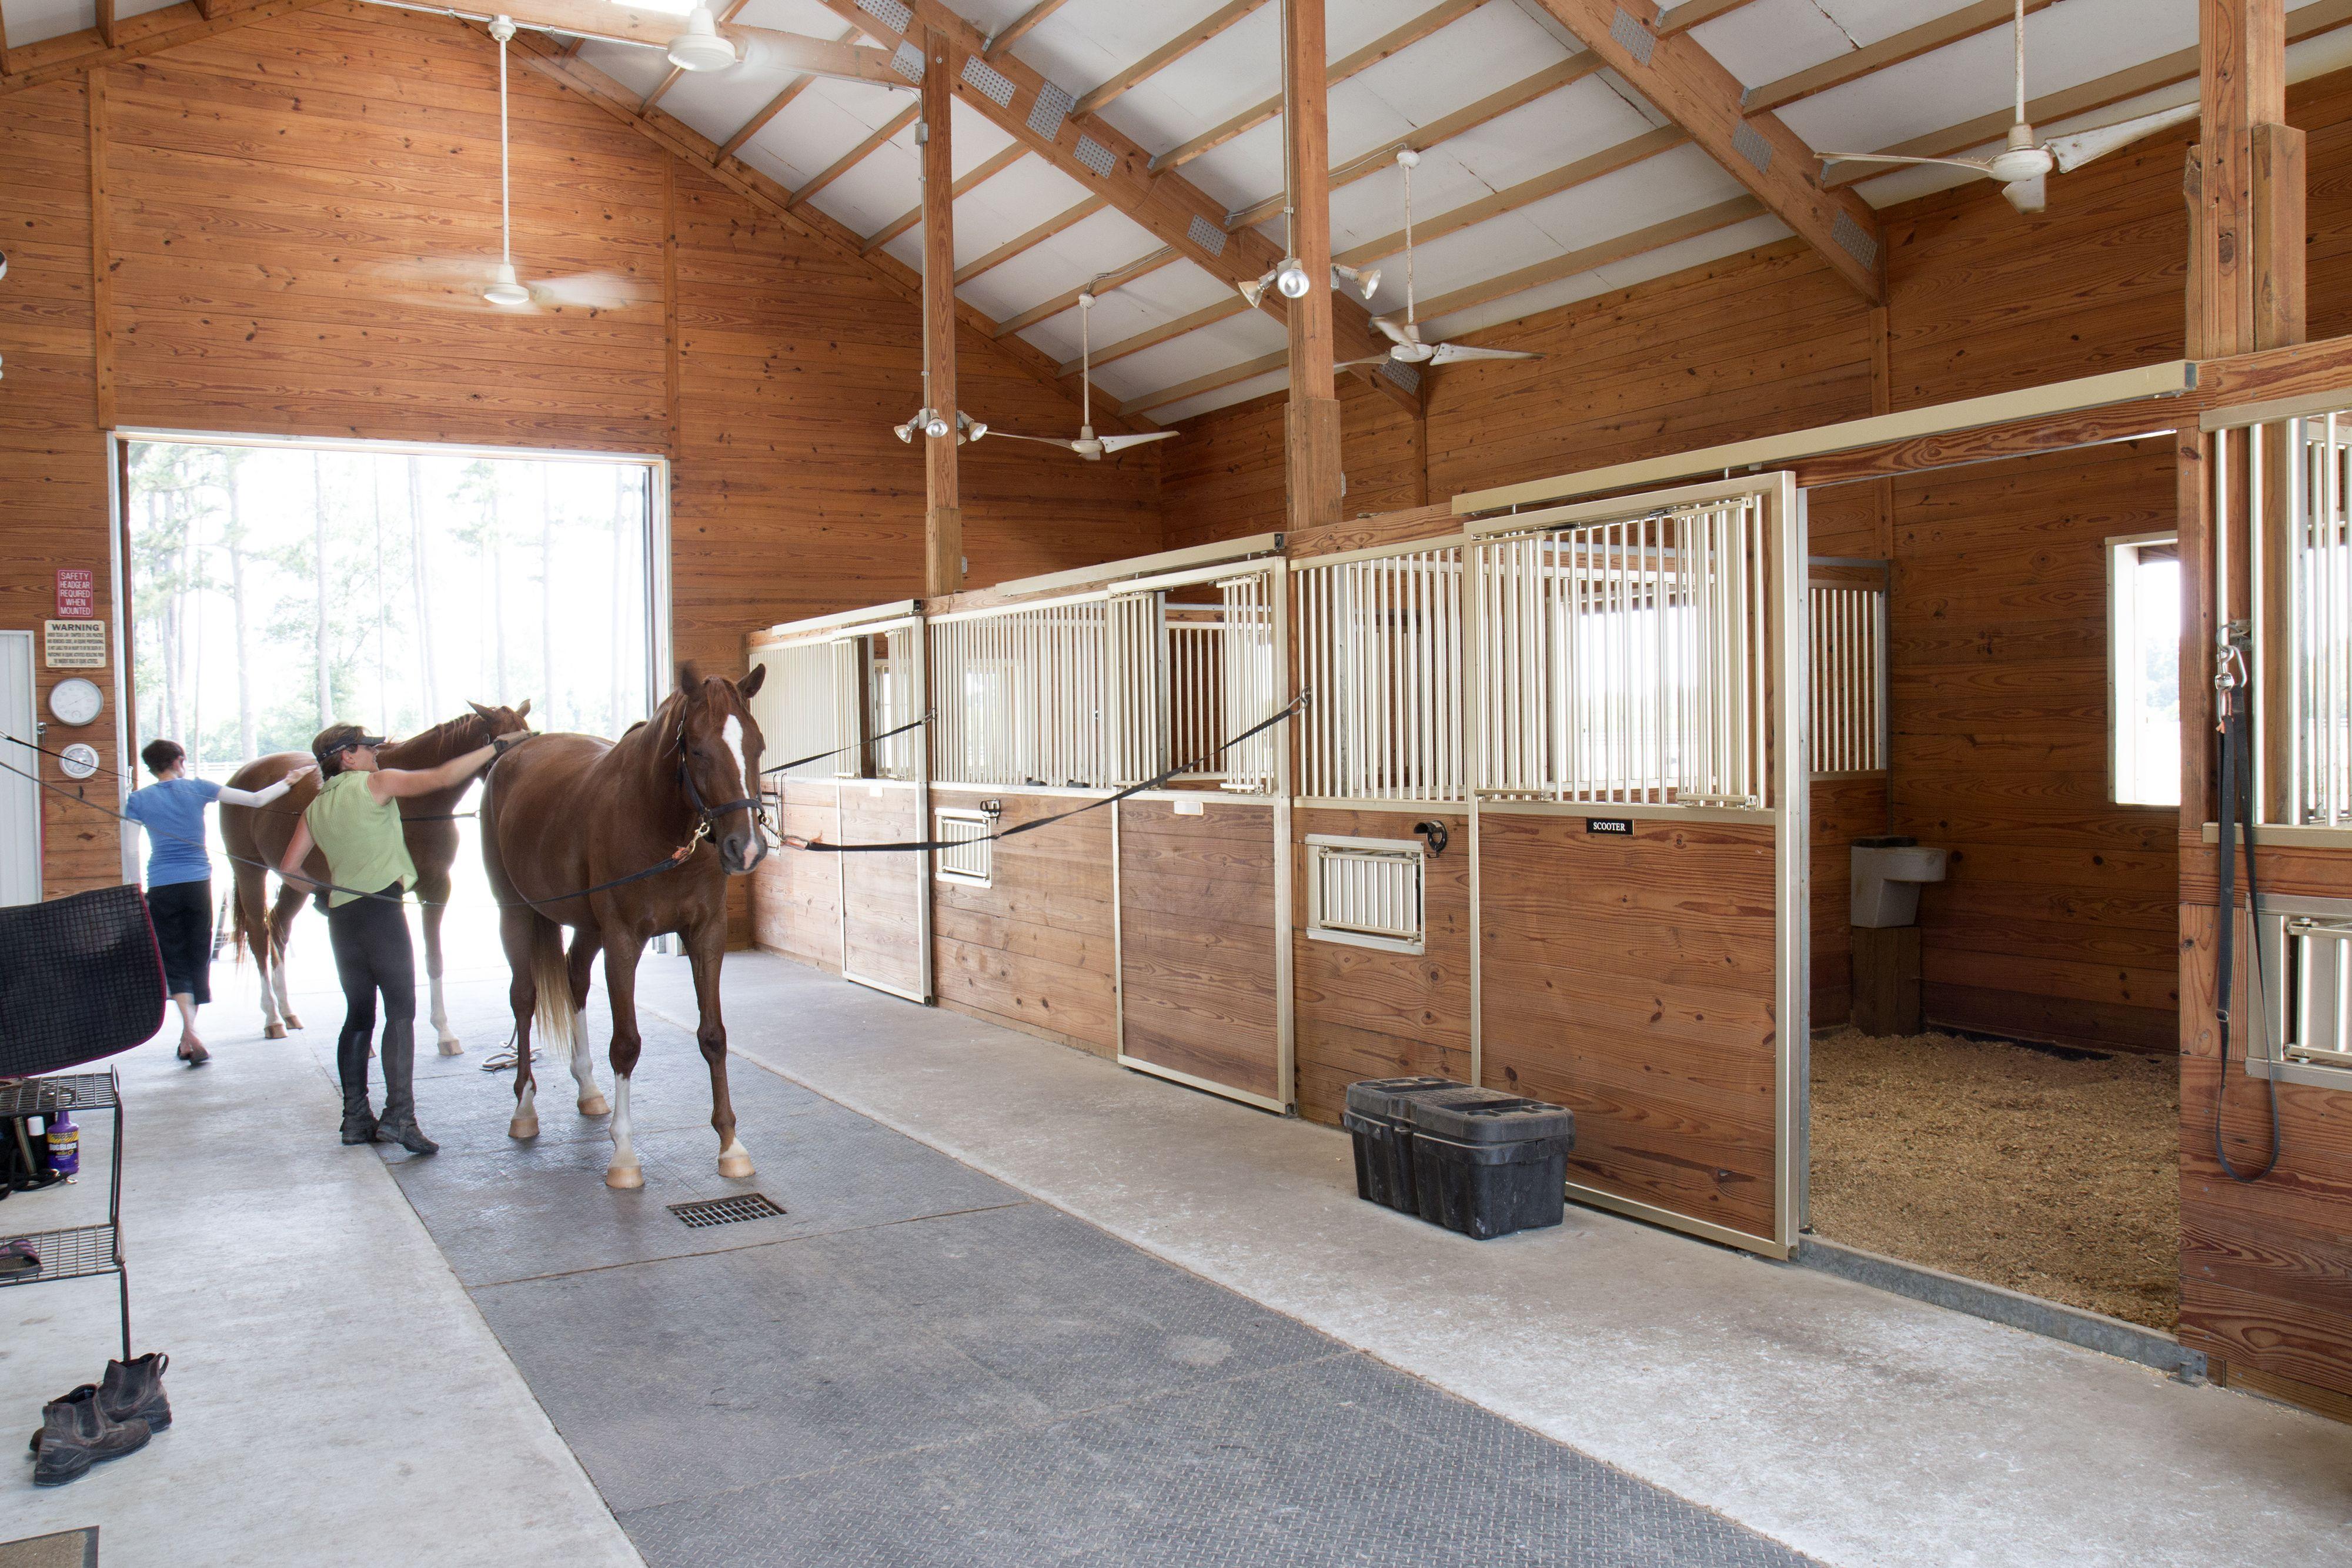 Morton buildings horse barn interior in texas